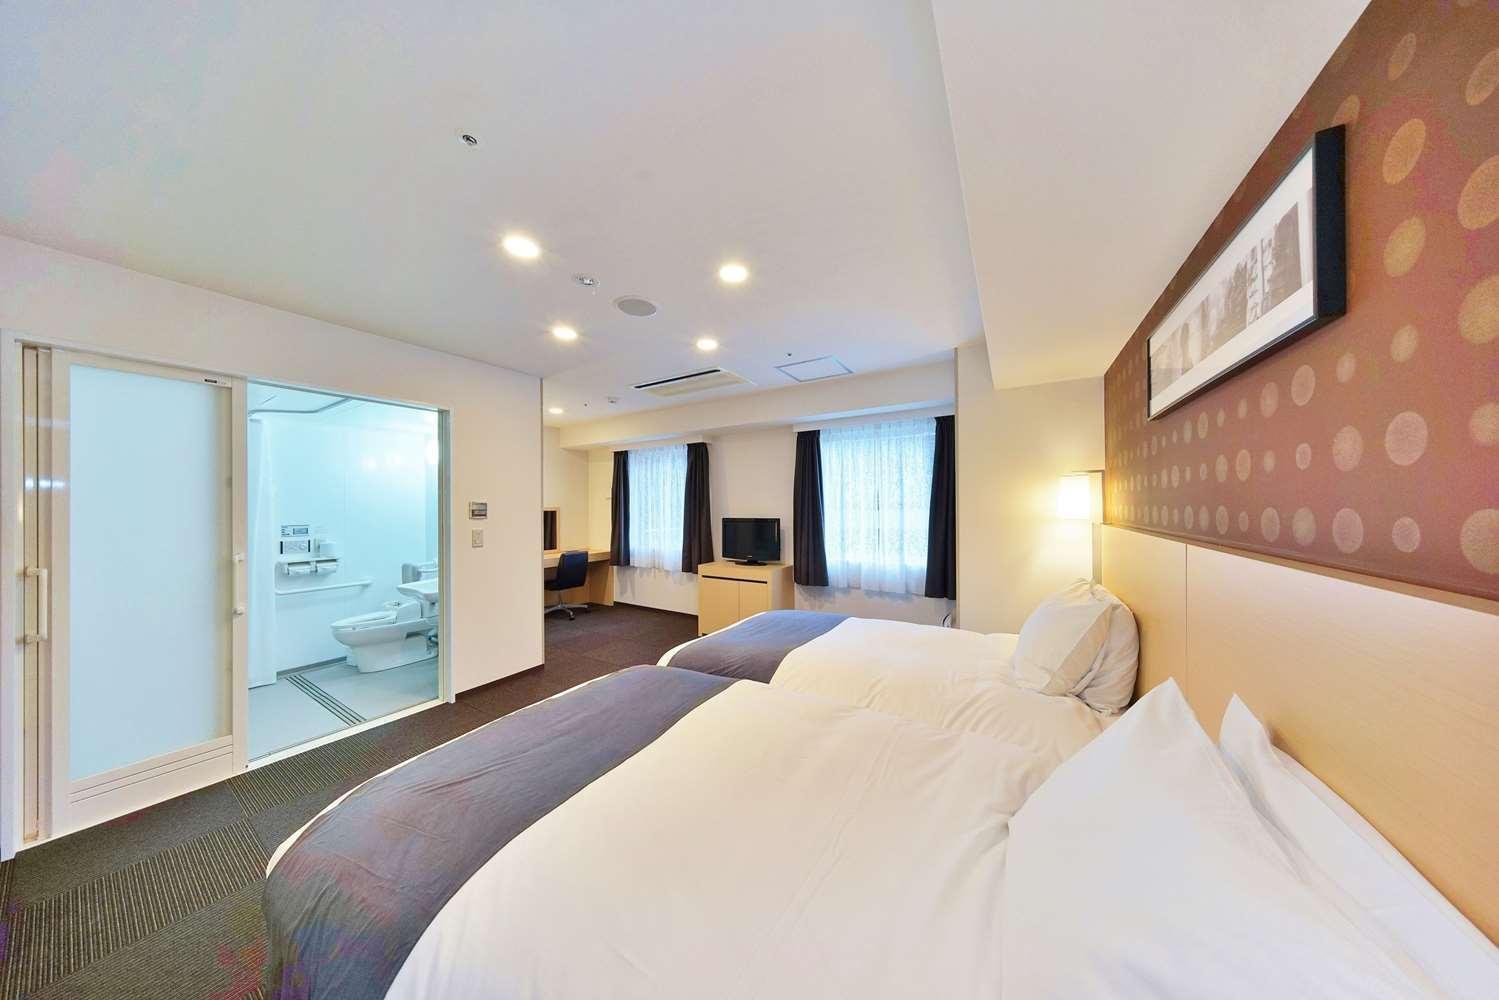 大阪心斋桥贝斯特韦斯特菲诺酒店